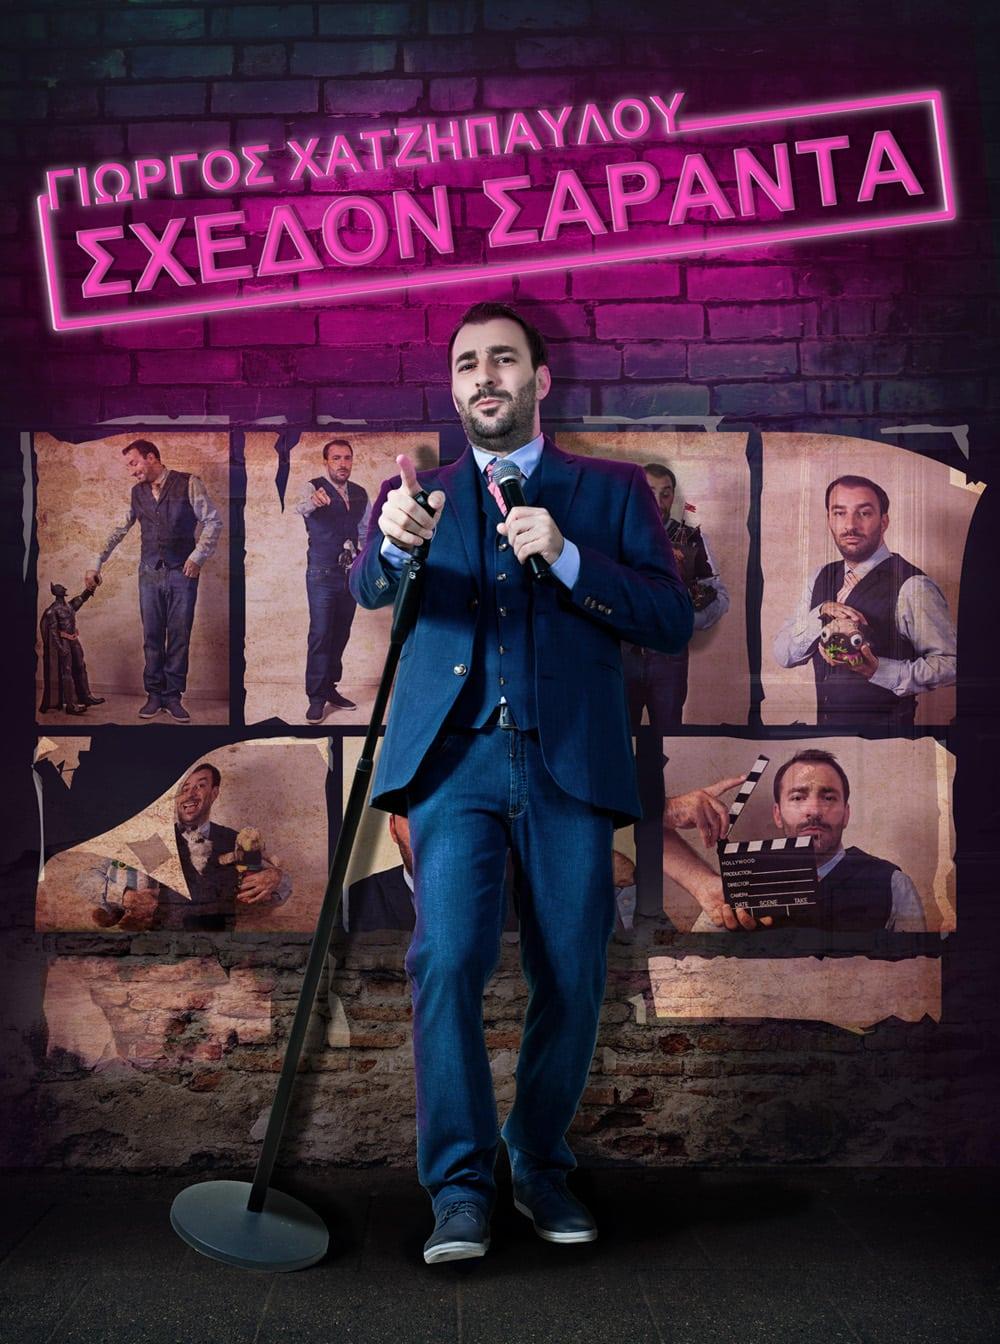 Sxedon Saranta - Giorgos Xatzipavlou